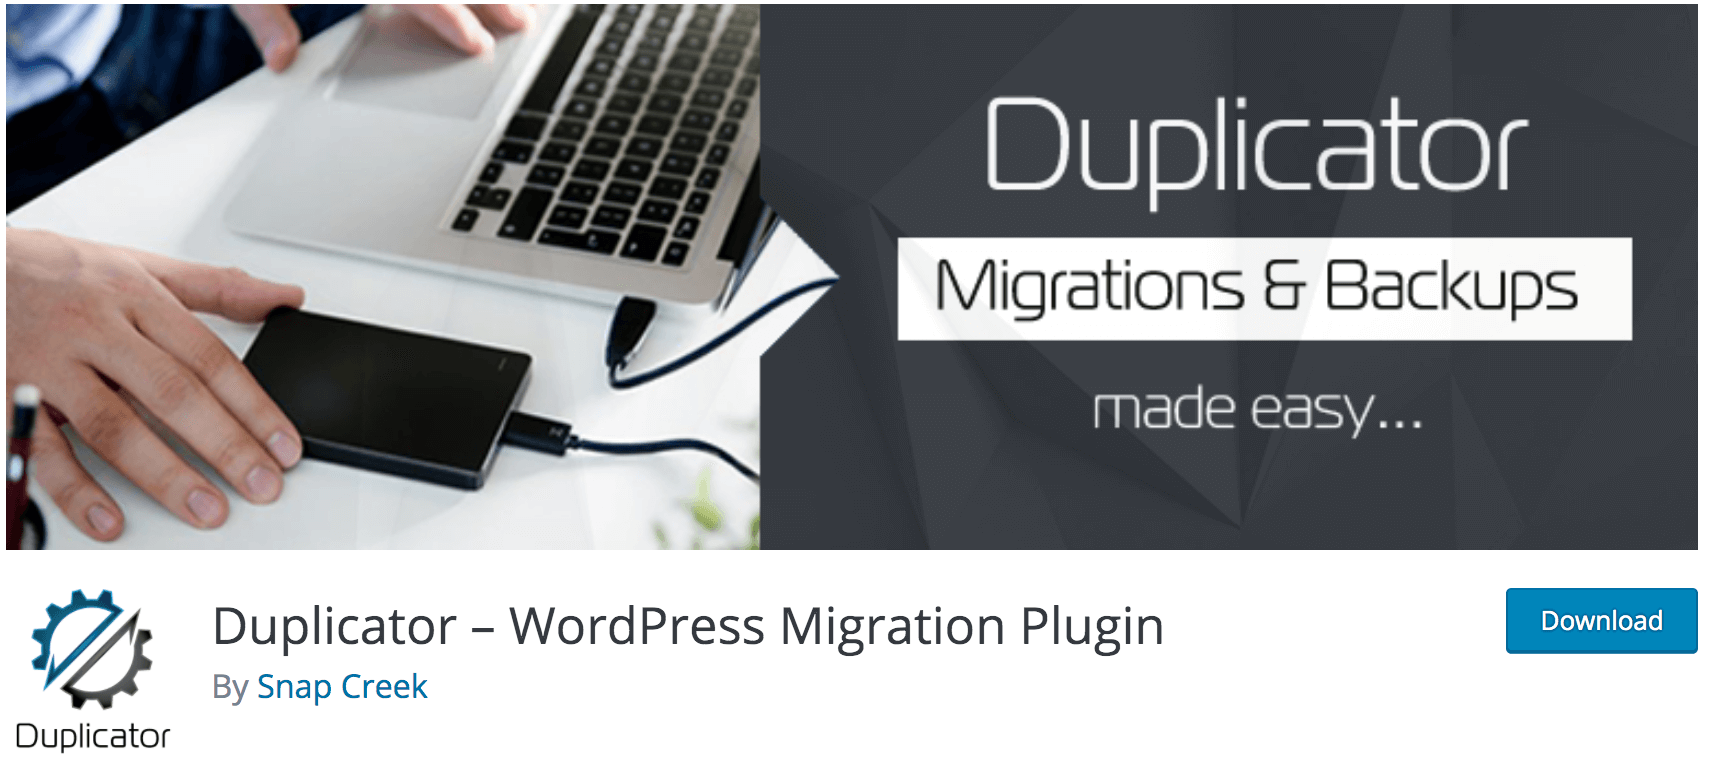 Notre avis sur Duplicator meilleur plugin gratuit pour migrer votre site WordPress chez un autre hébergeur